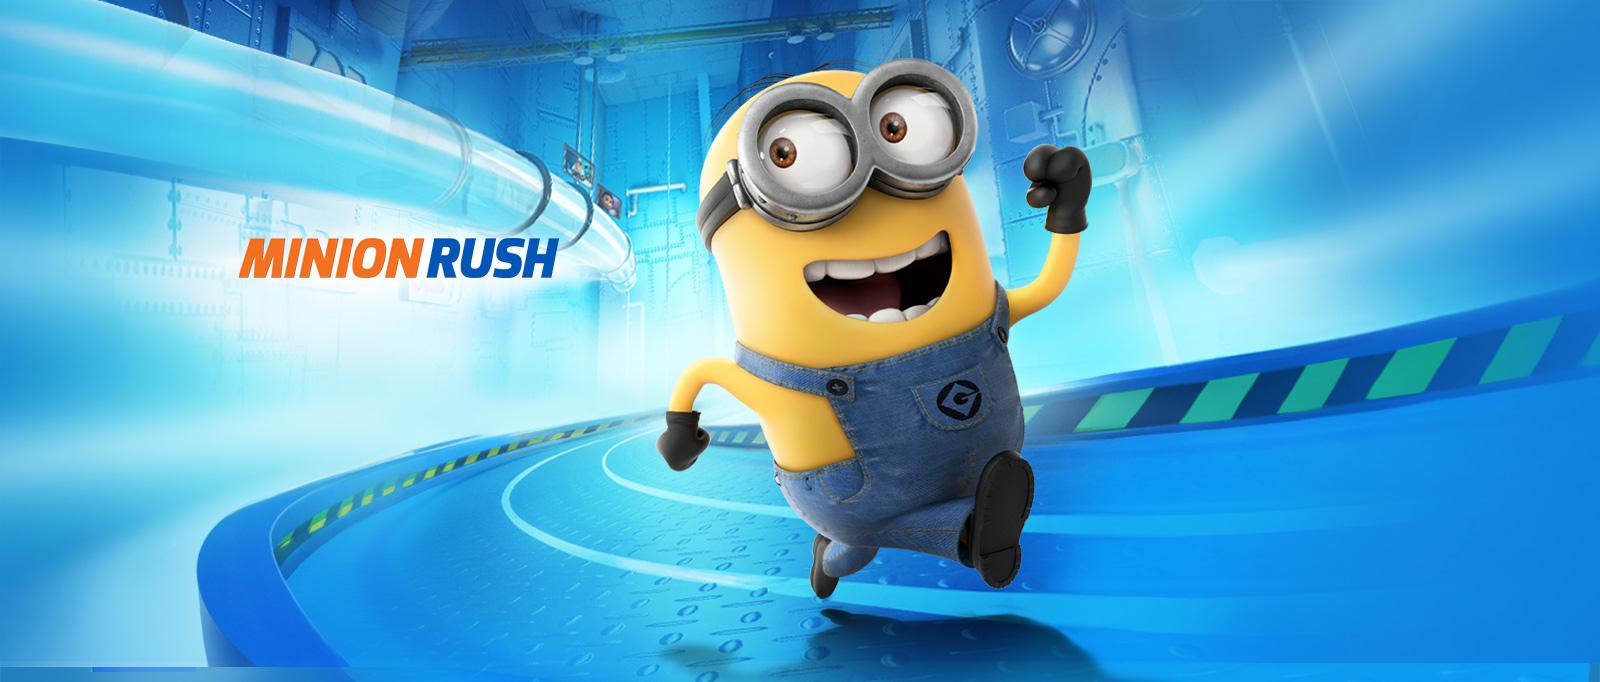 GRU - O MALDISPOSTO : Minion Rush